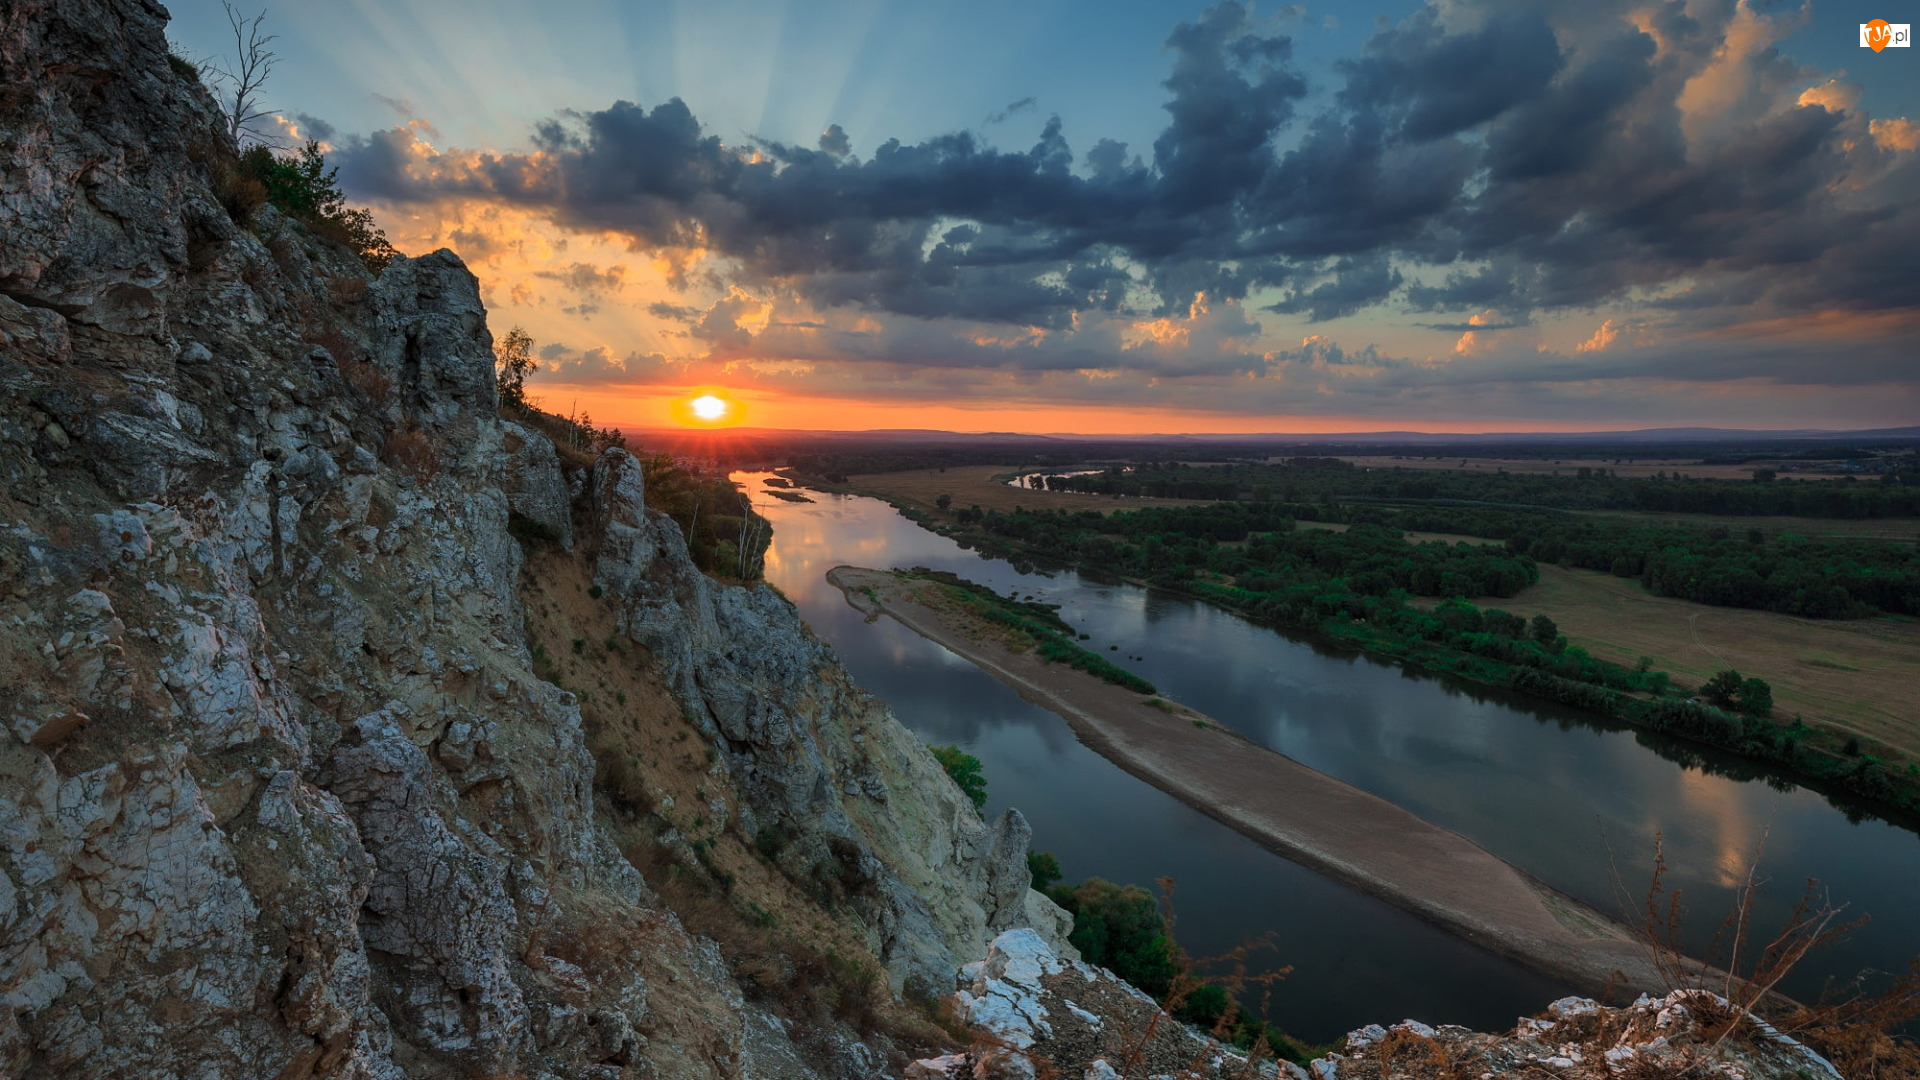 Rzeka, Chmury, Góra, Zachód słońca, Skała, Pola, Wysepka